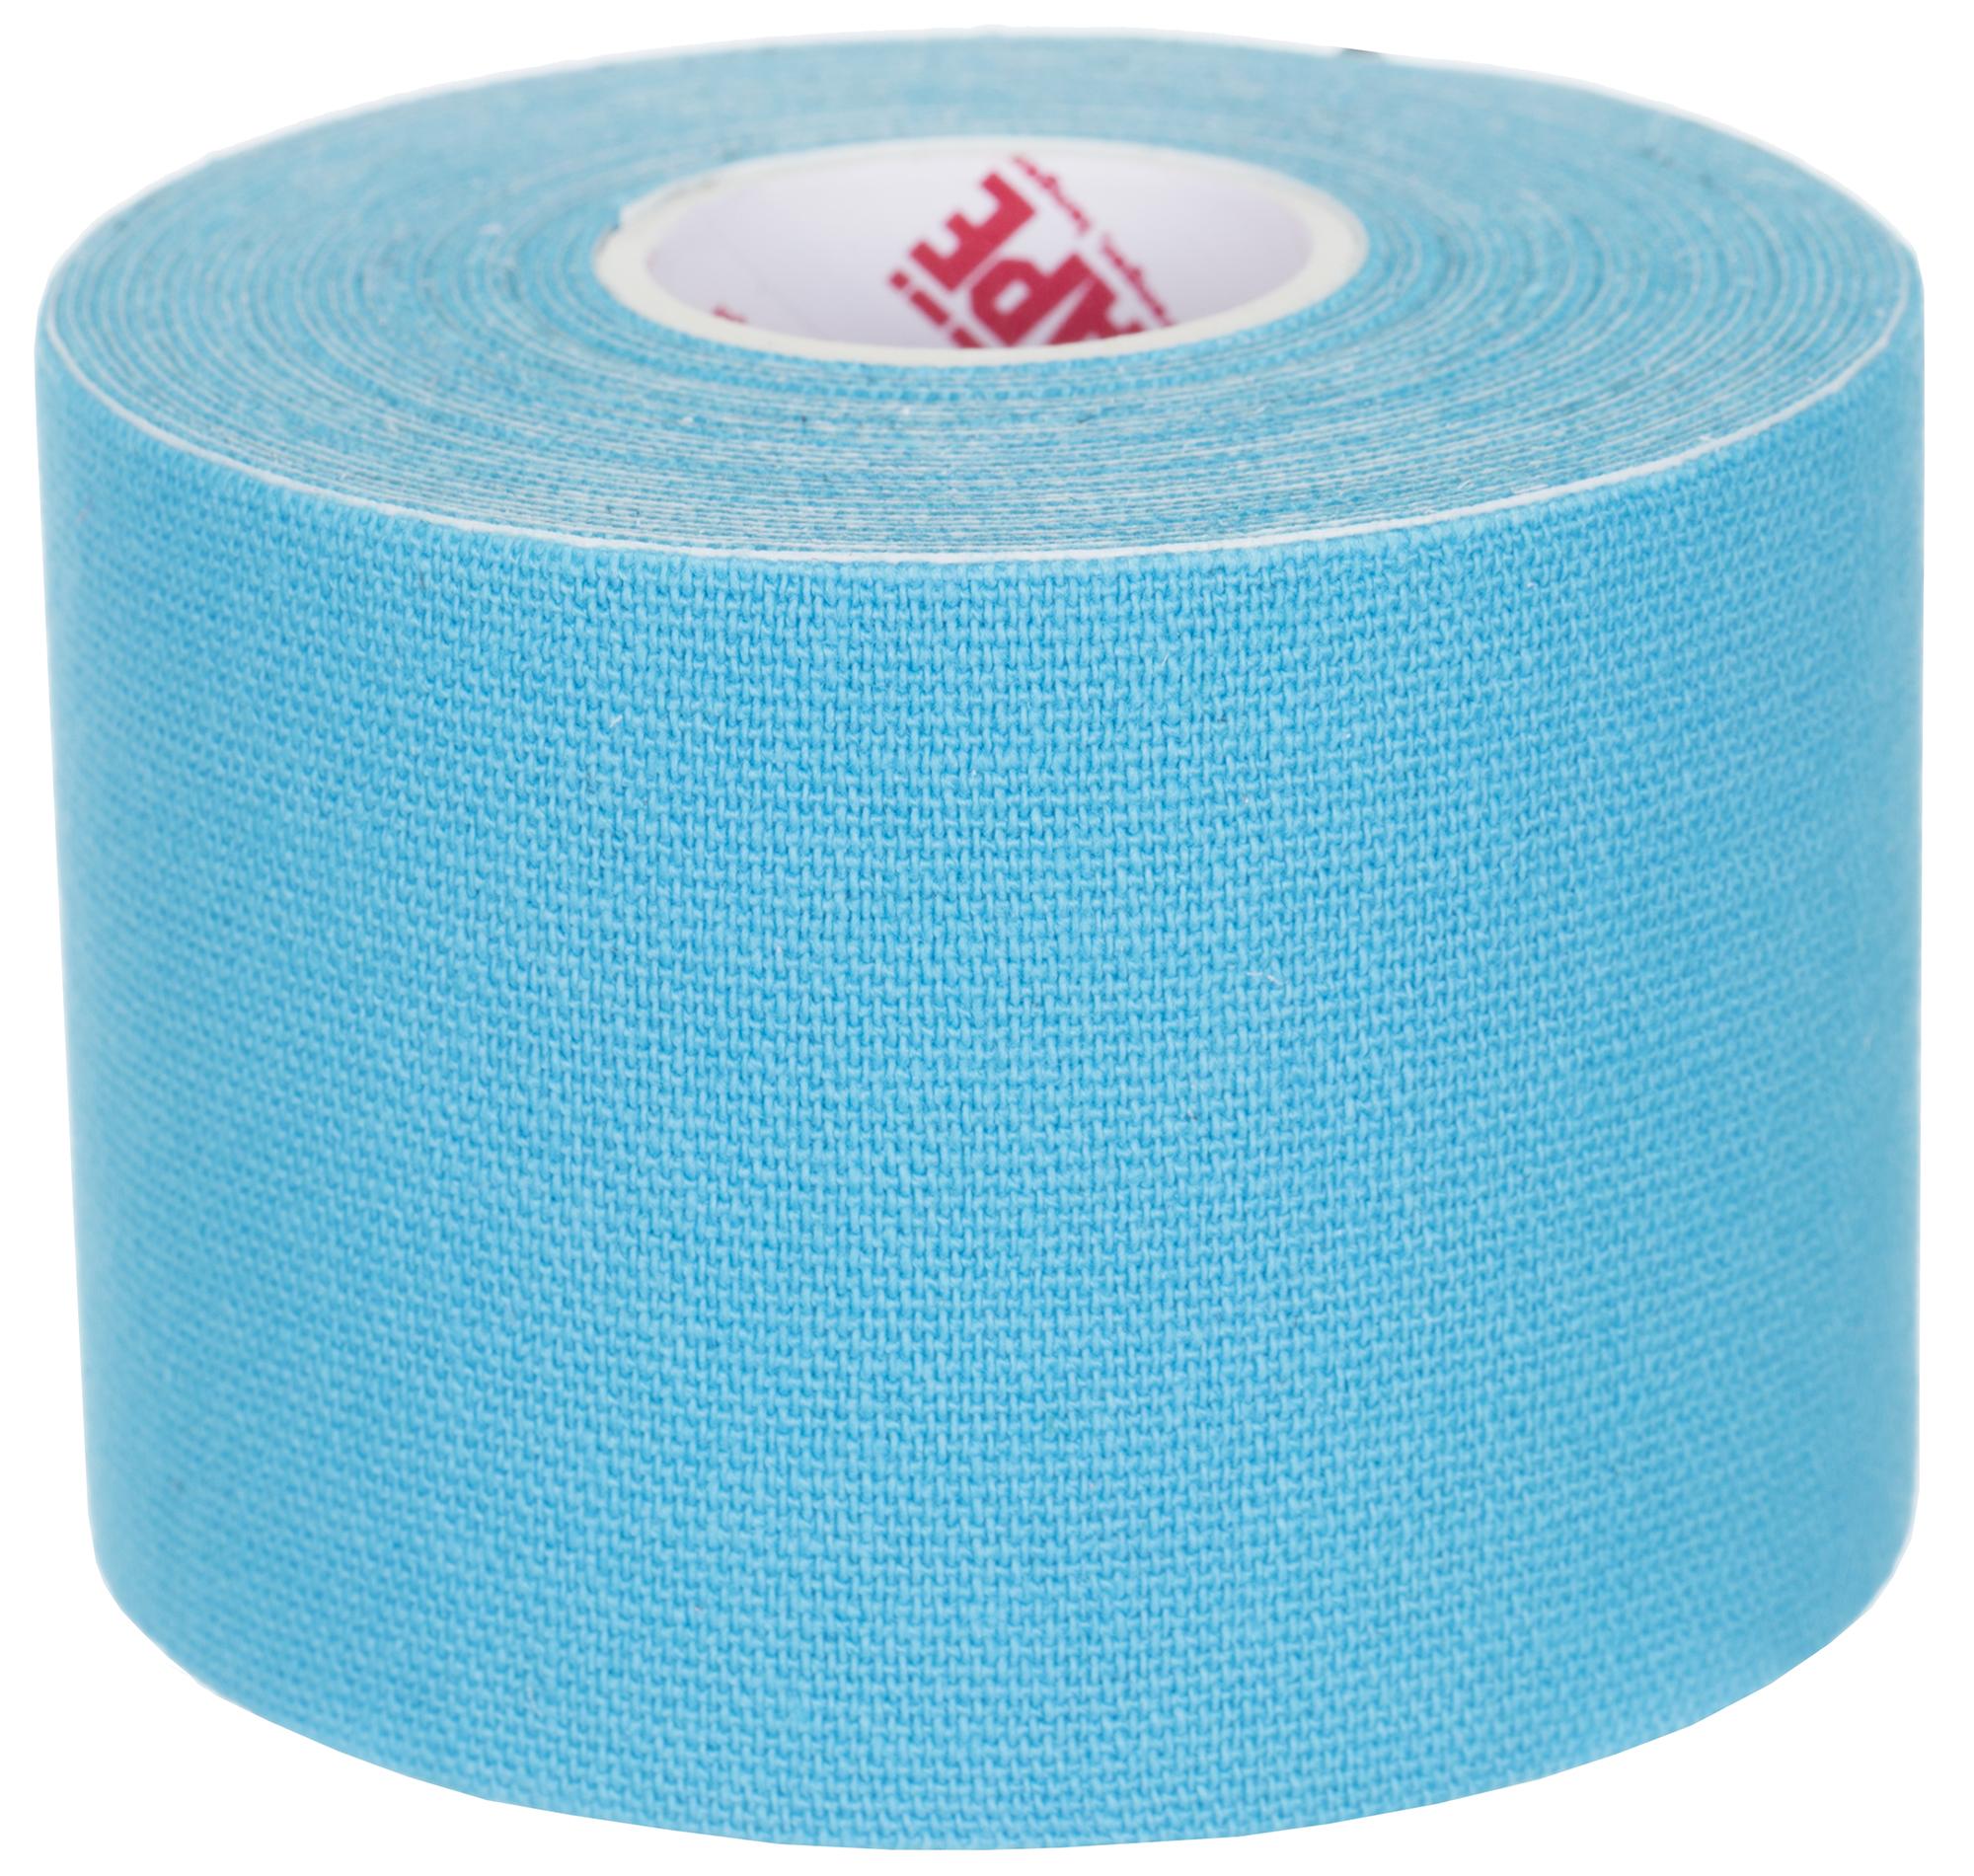 RockTape Кинезио-тейп Rocktape 5 см х 5 м, голубой, размер Без размера